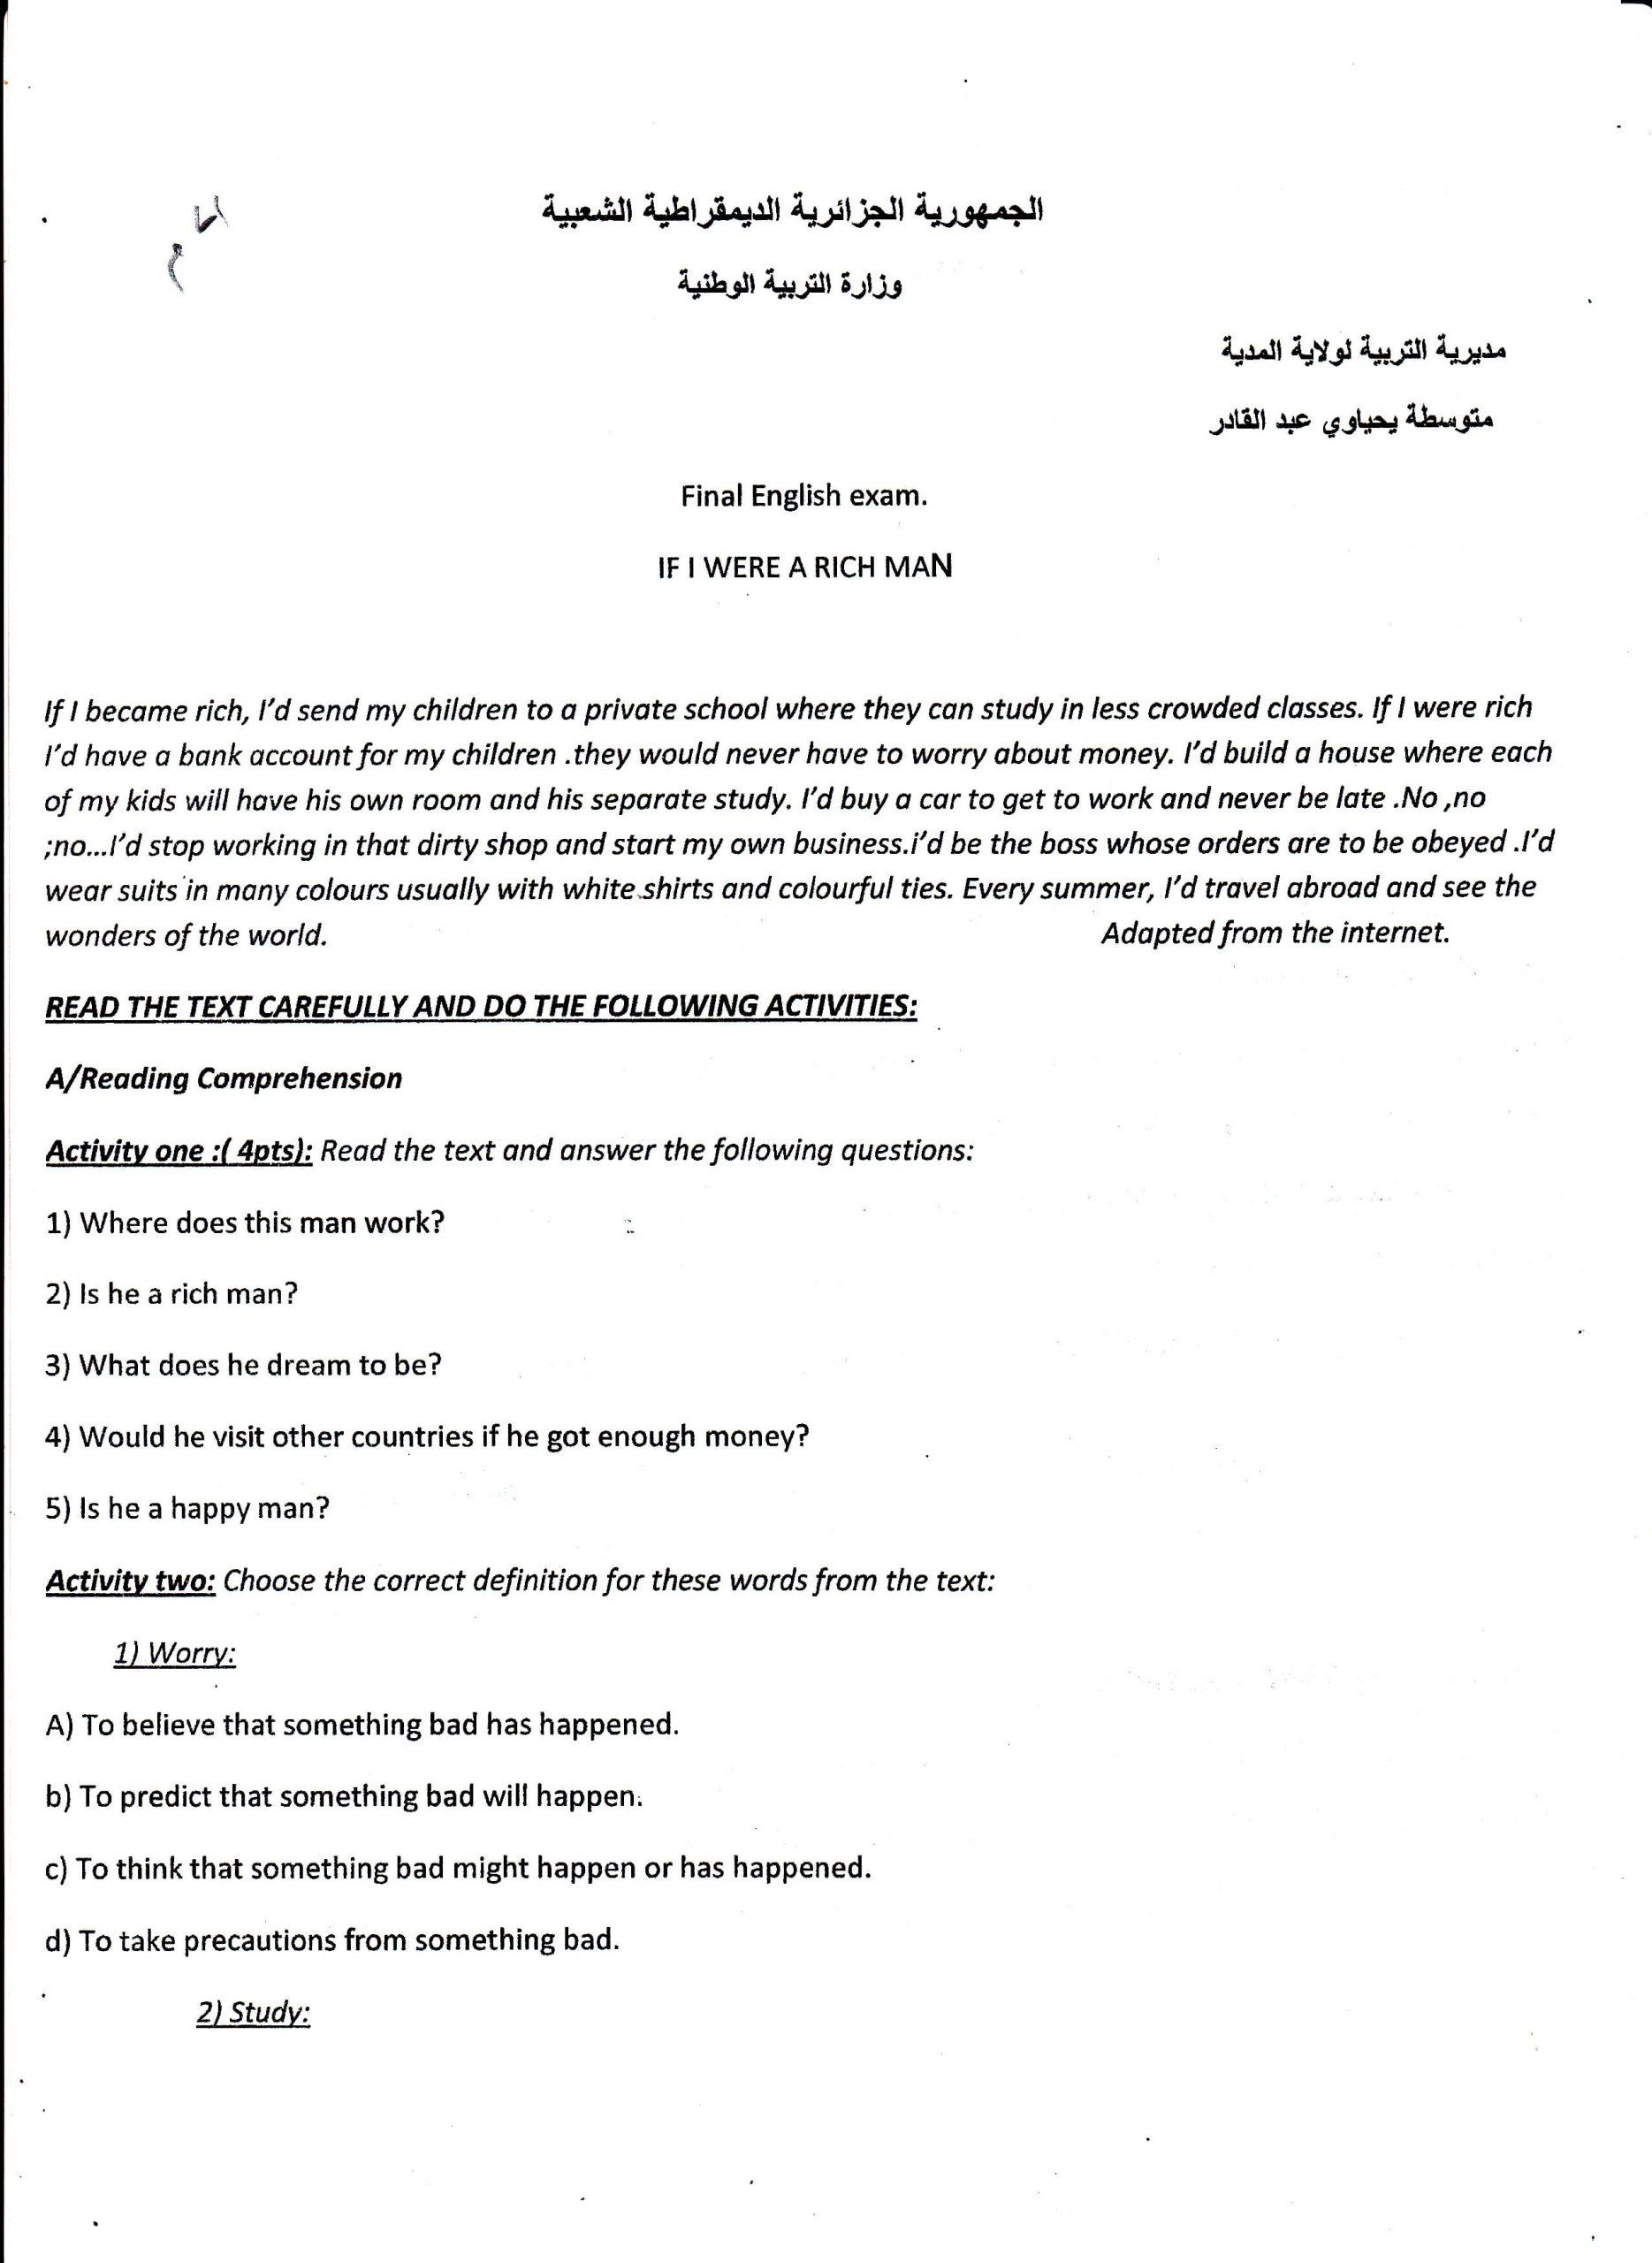 اختبار الفصل الثالث في اللغة الانجليزية السنة الرابعة متوسط | الموضوع 02